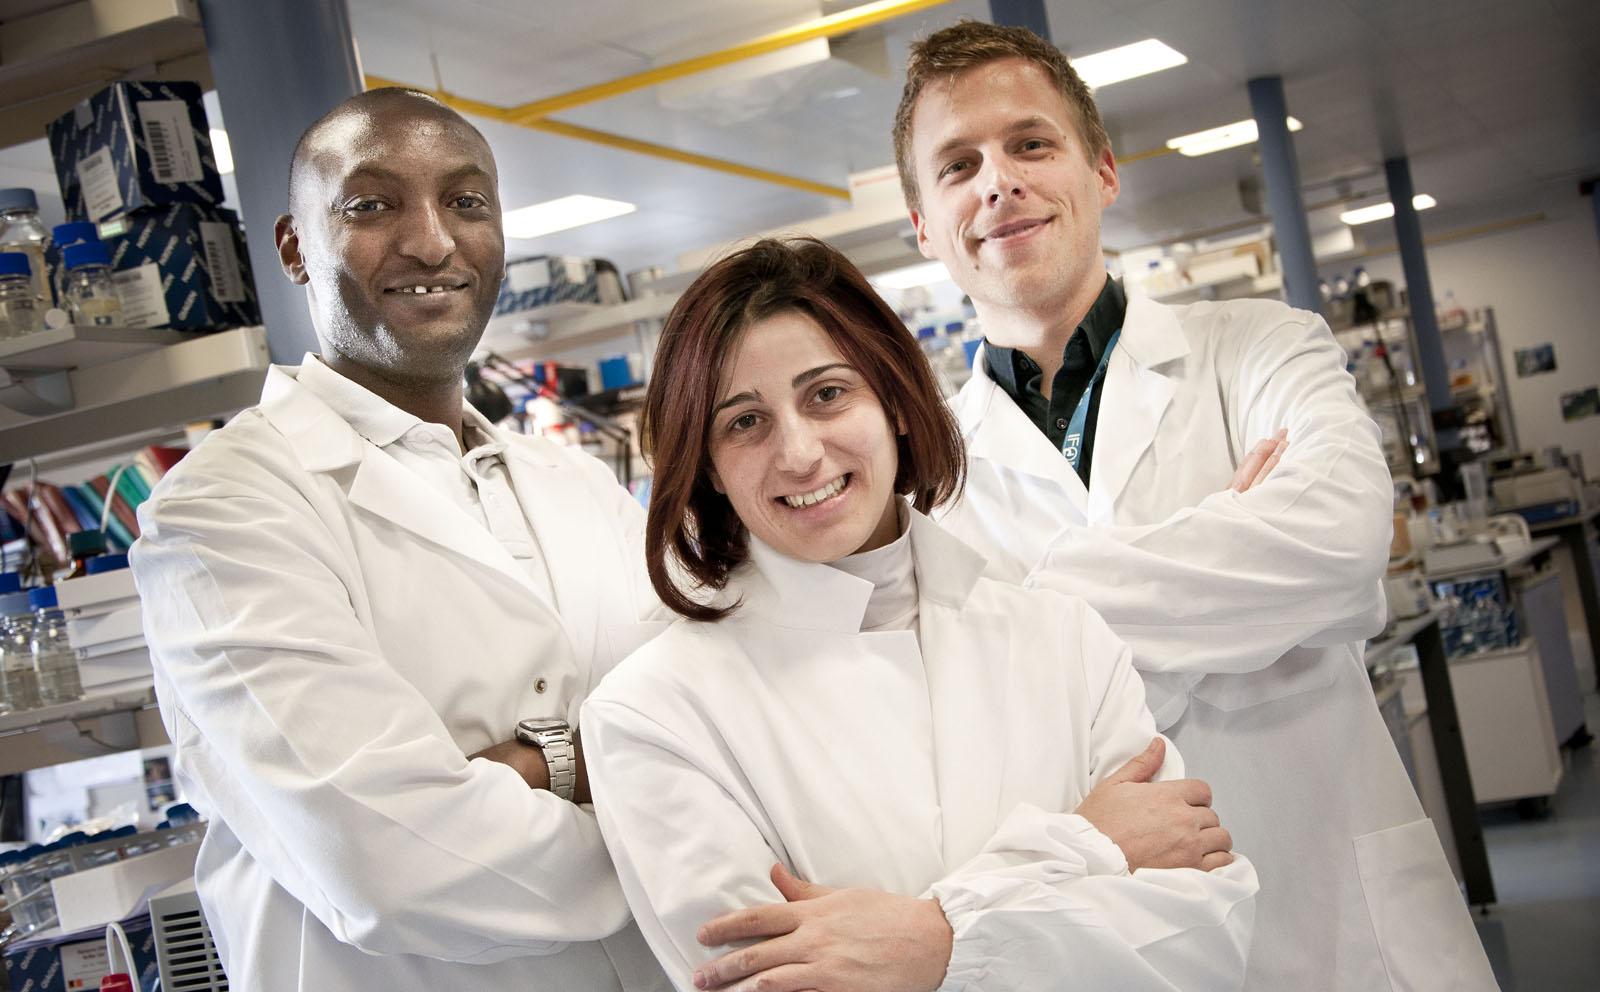 diagnosi precoce cancro molecole spia